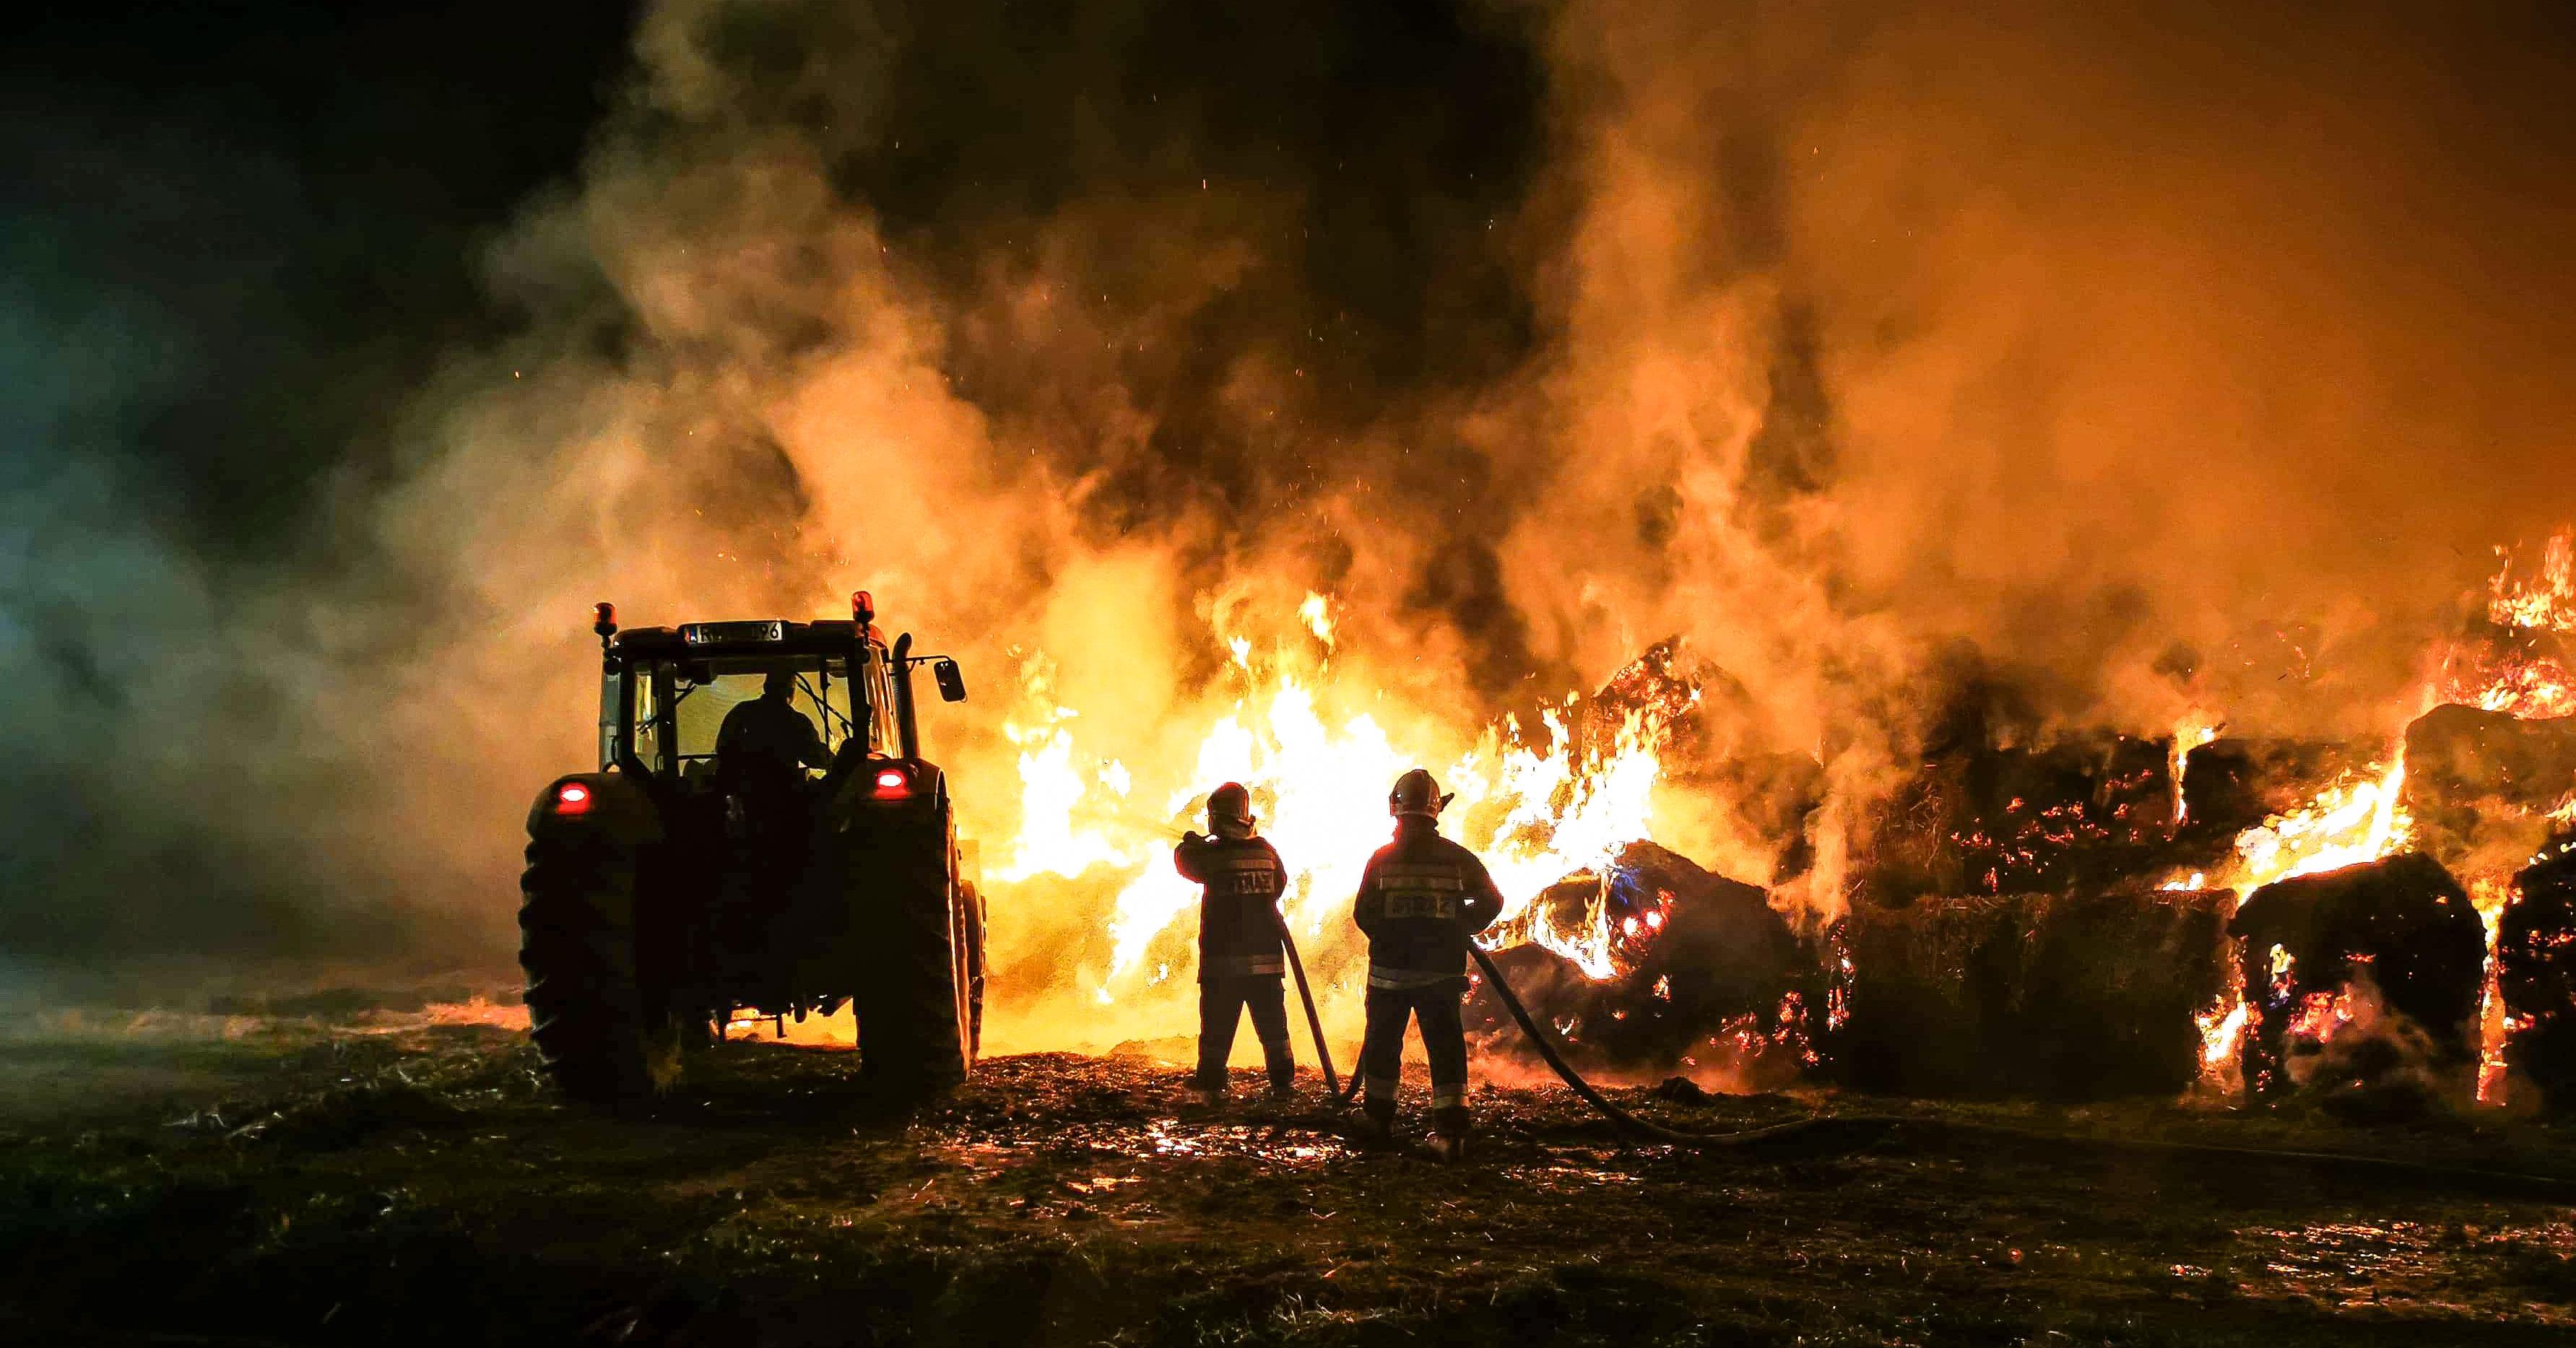 Wielogodzinna akcja gaśnicza. Pożar około 180 bali słomy! - Zdjęcie główne